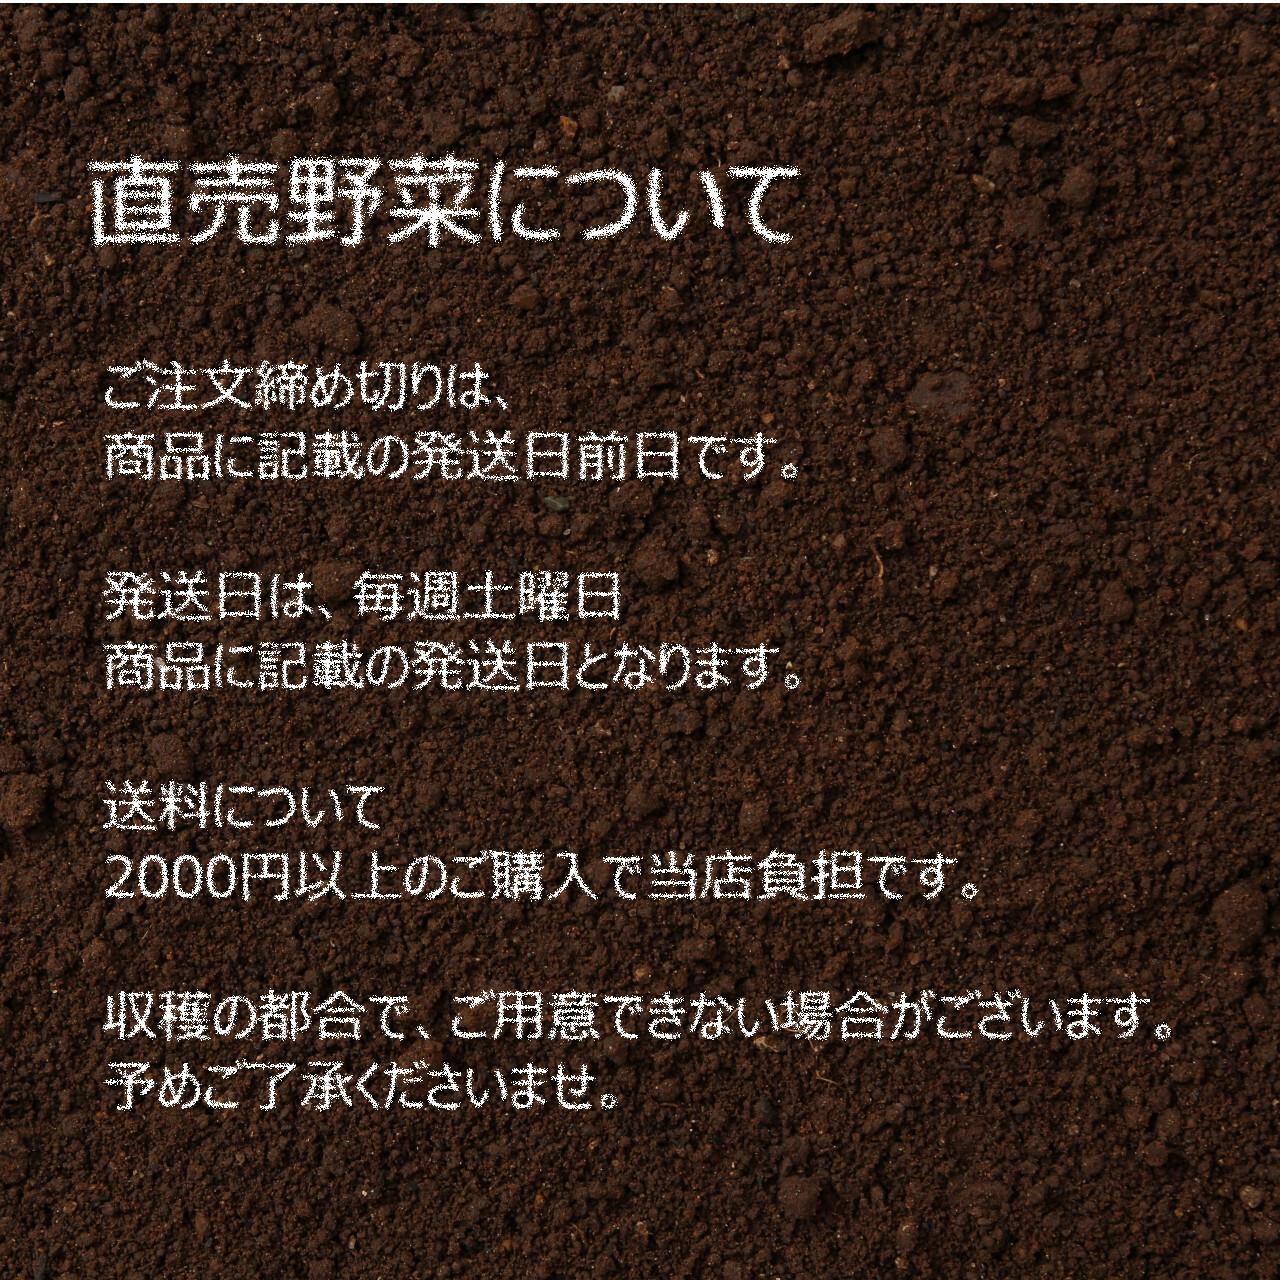 朝採り直売野菜 キャベツ 1個 4月20日発送予定